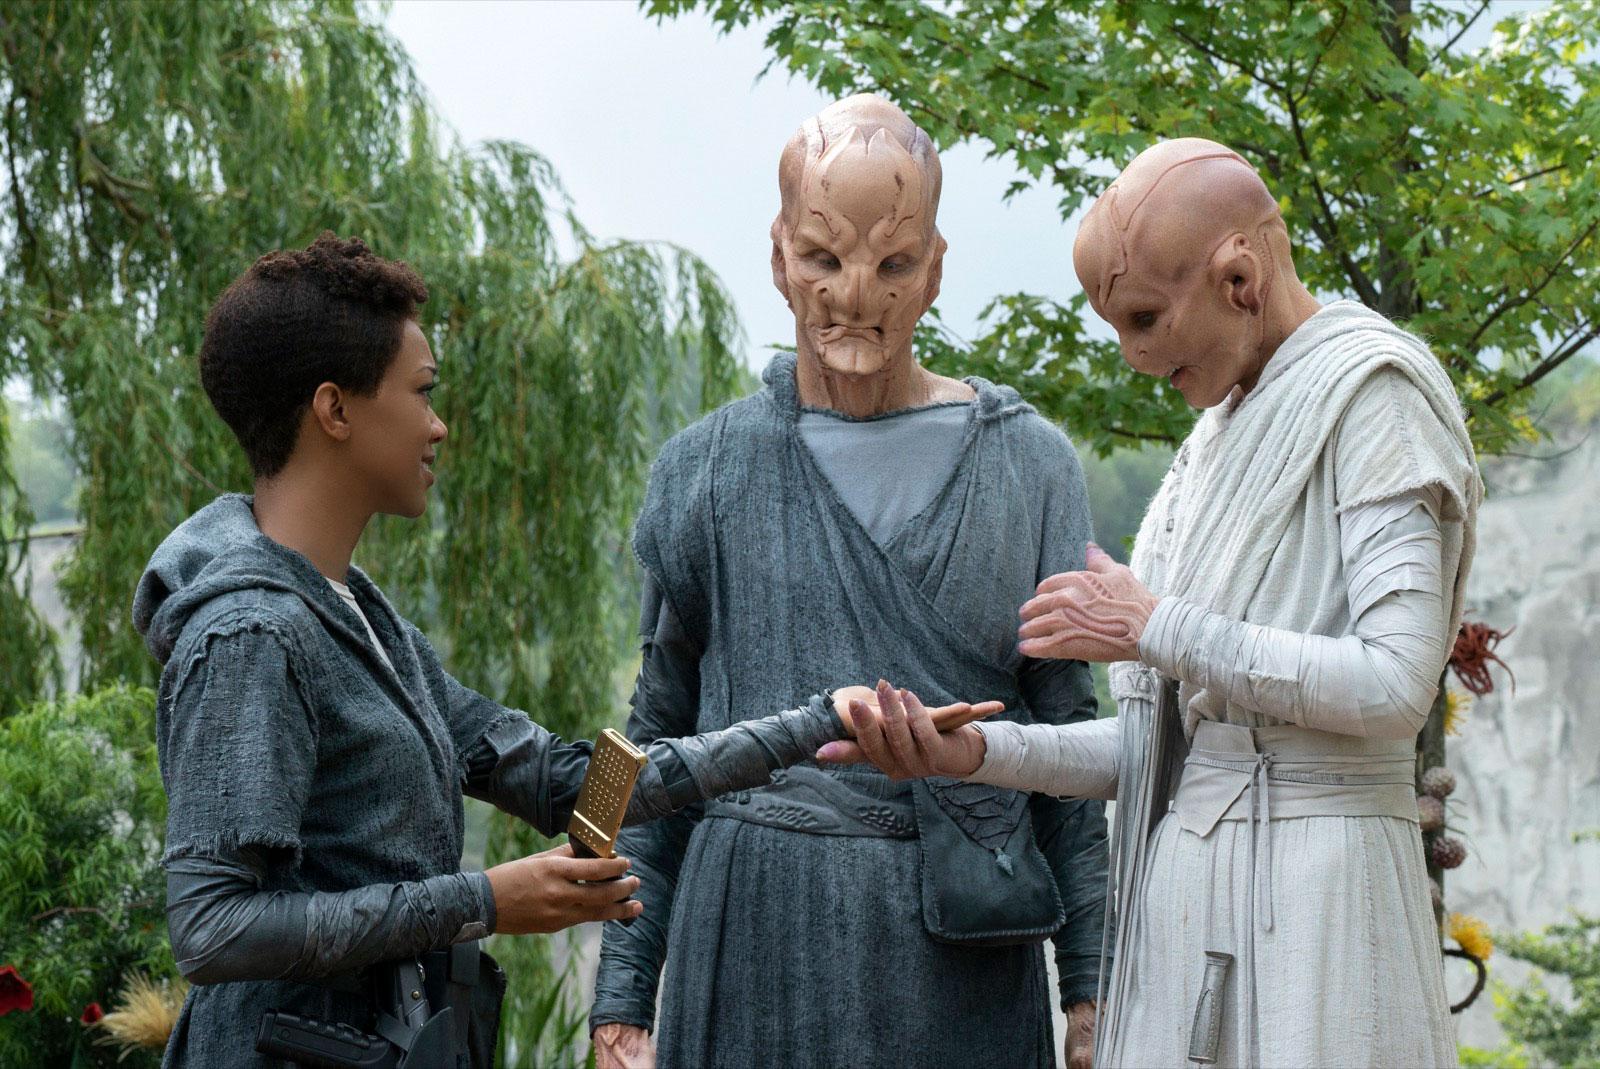 Sonequa Martin-Green as Michael Burnham, Doug Jones as Saru and Hannah Spear as Siranna